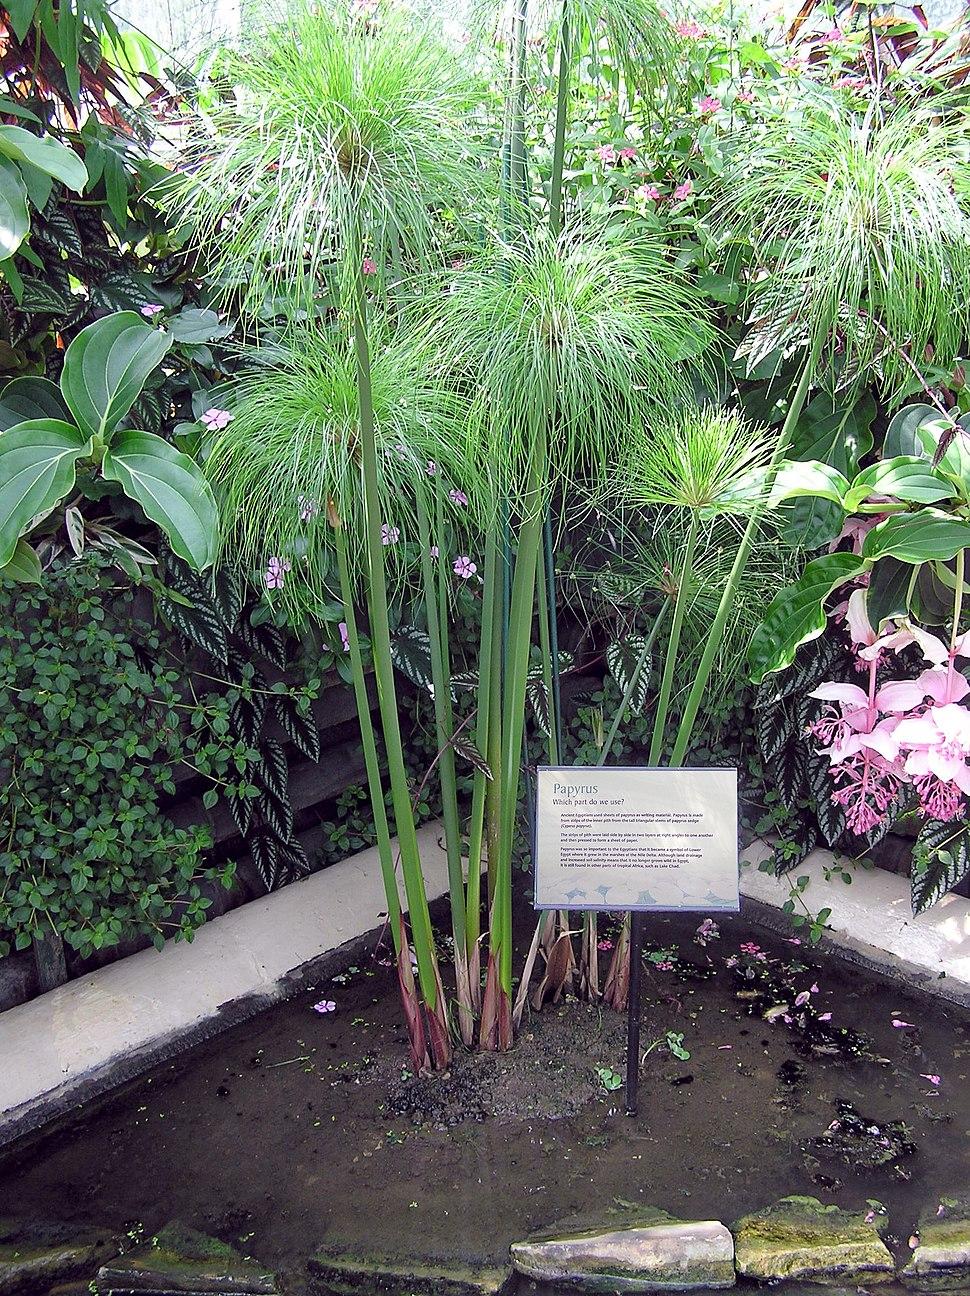 Kew.gardens.papyrus.plant.arp